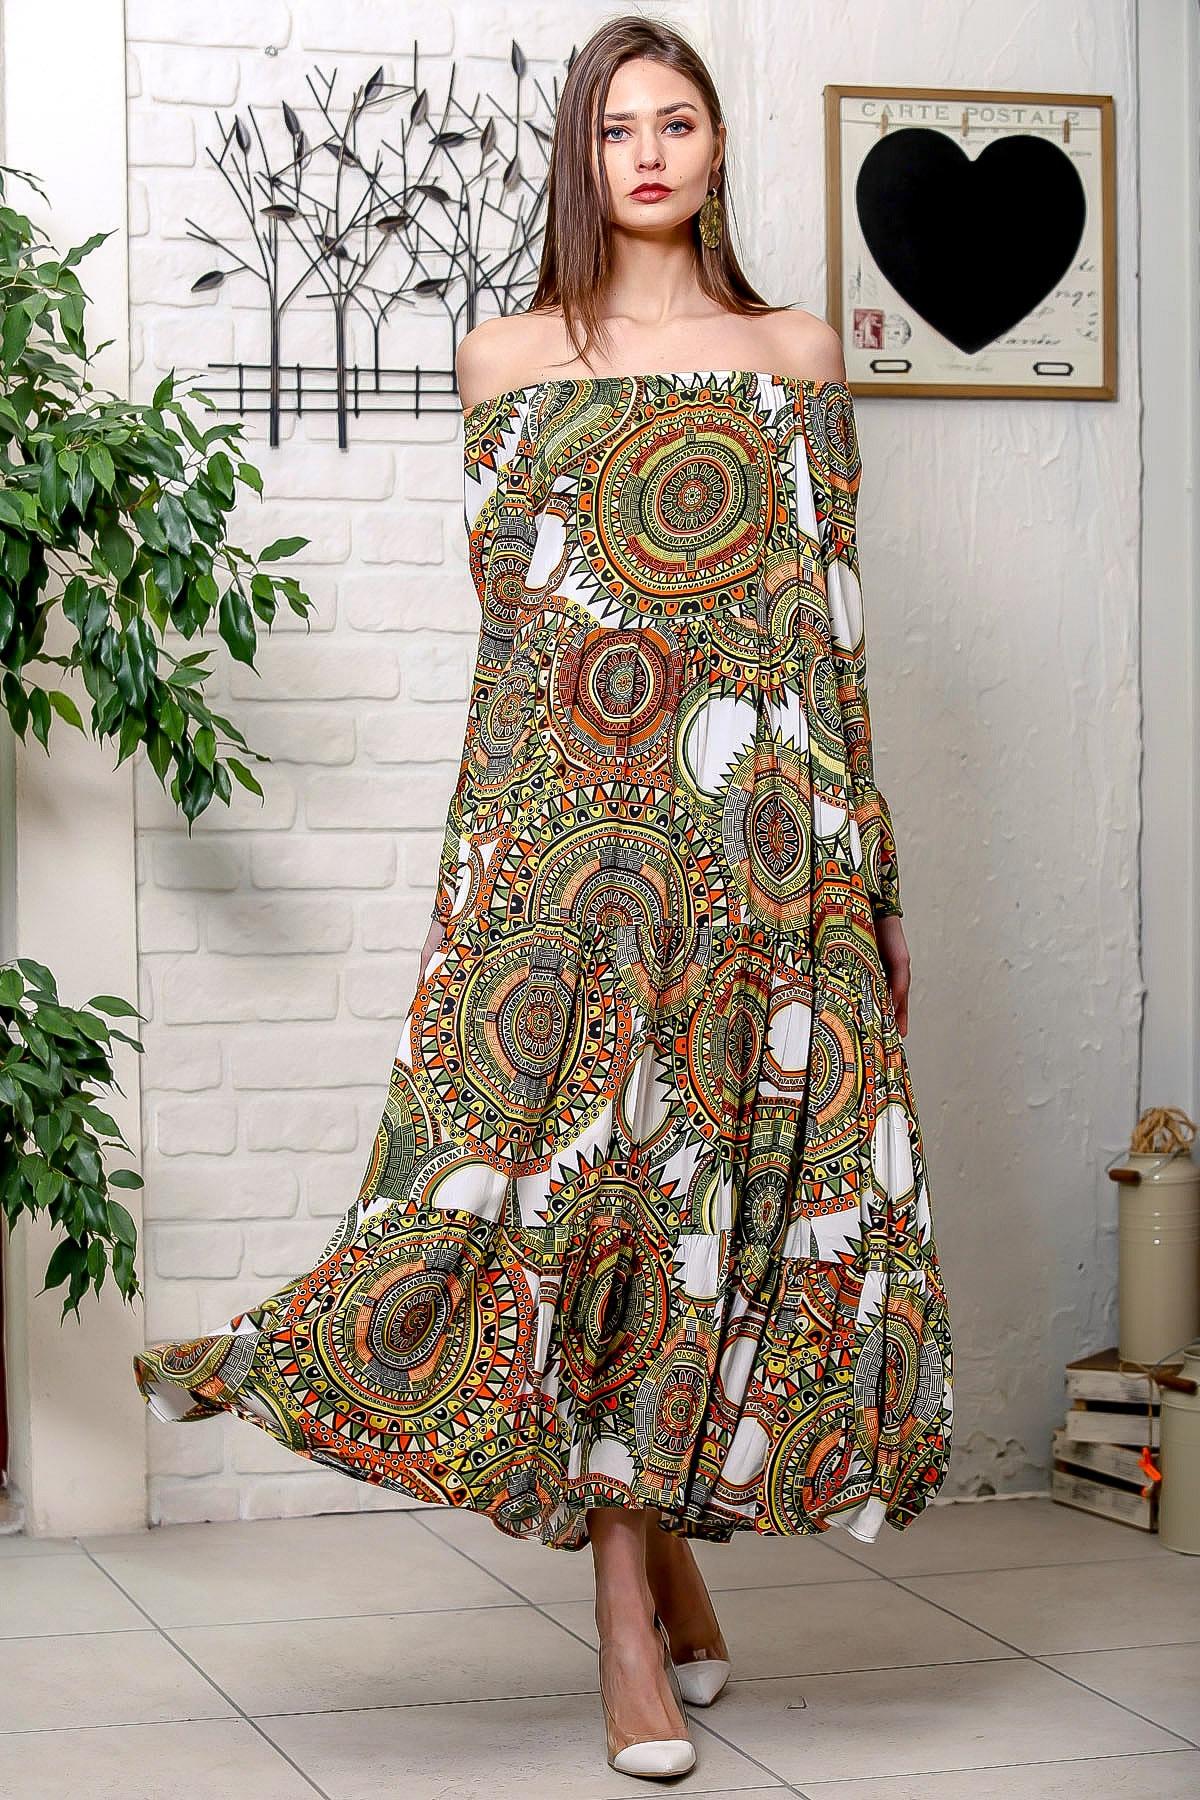 Chiccy Kadın Yeşil-Beyaz Carmen Yaka Geometrik Desenli Kol Ucu Volanlı Salaş Dokuma Elbise M10160000EL95906